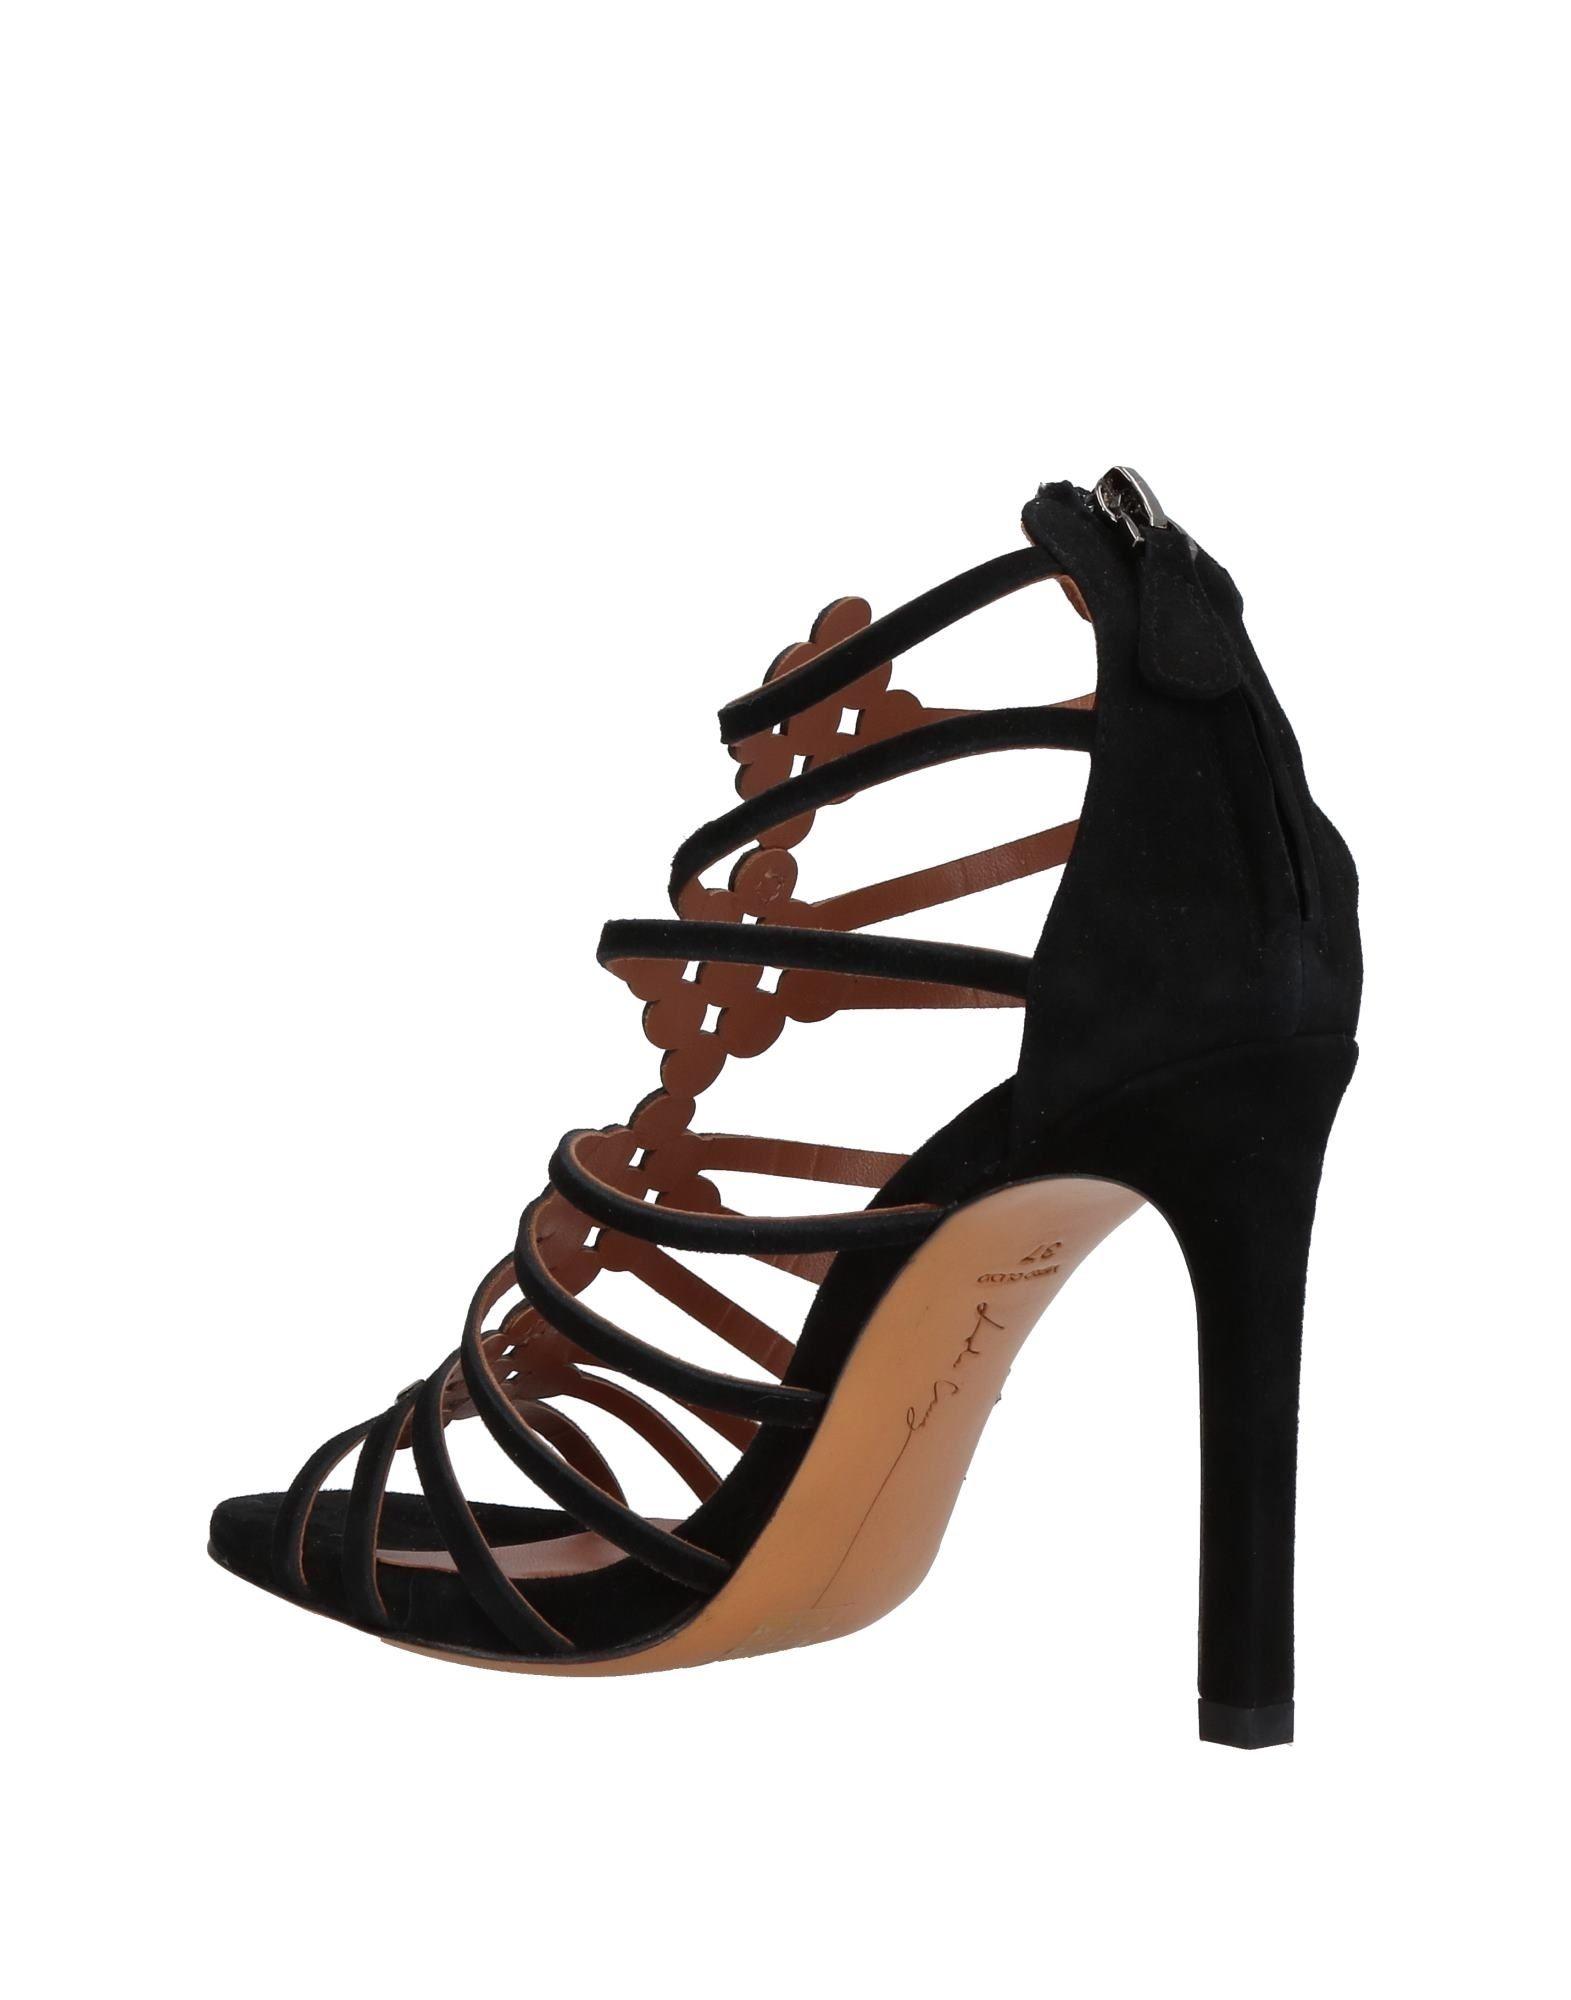 Lola Cruz Sandalen Schuhe Damen  11346935TR Gute Qualität beliebte Schuhe Sandalen 560d06